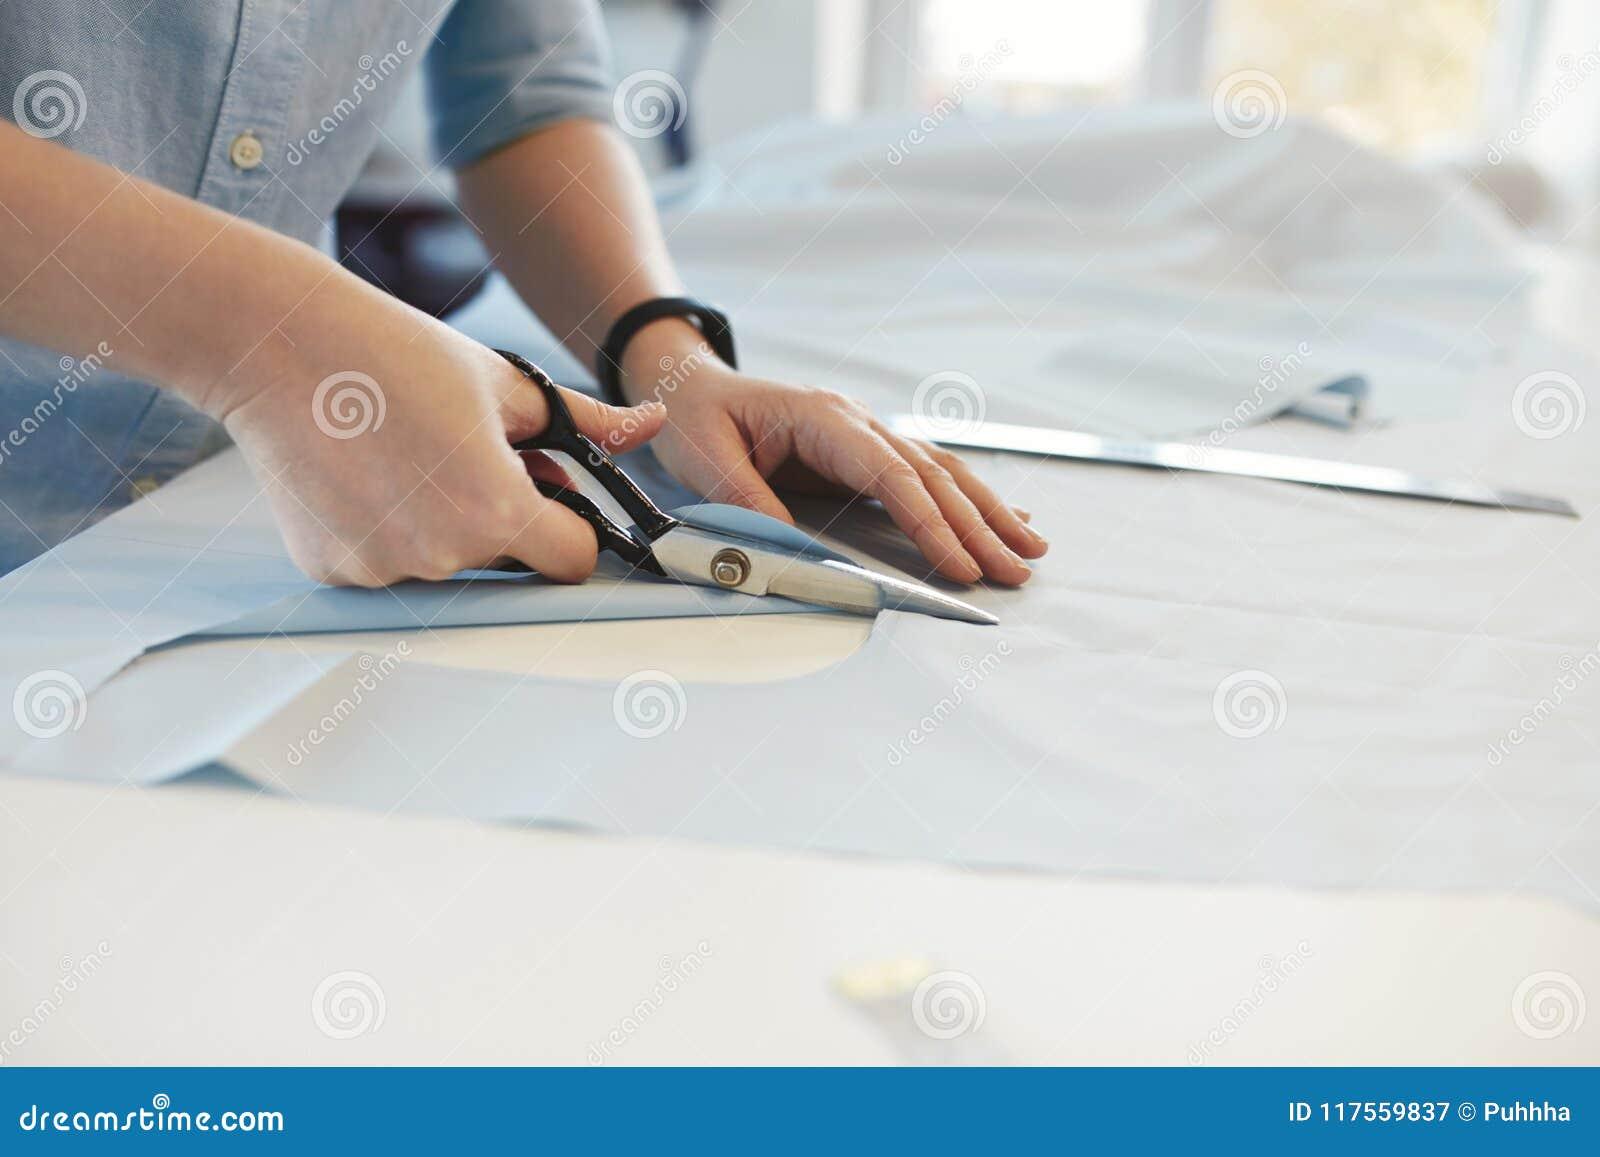 Skräddare Hands Cutting Material med sax på tabellen